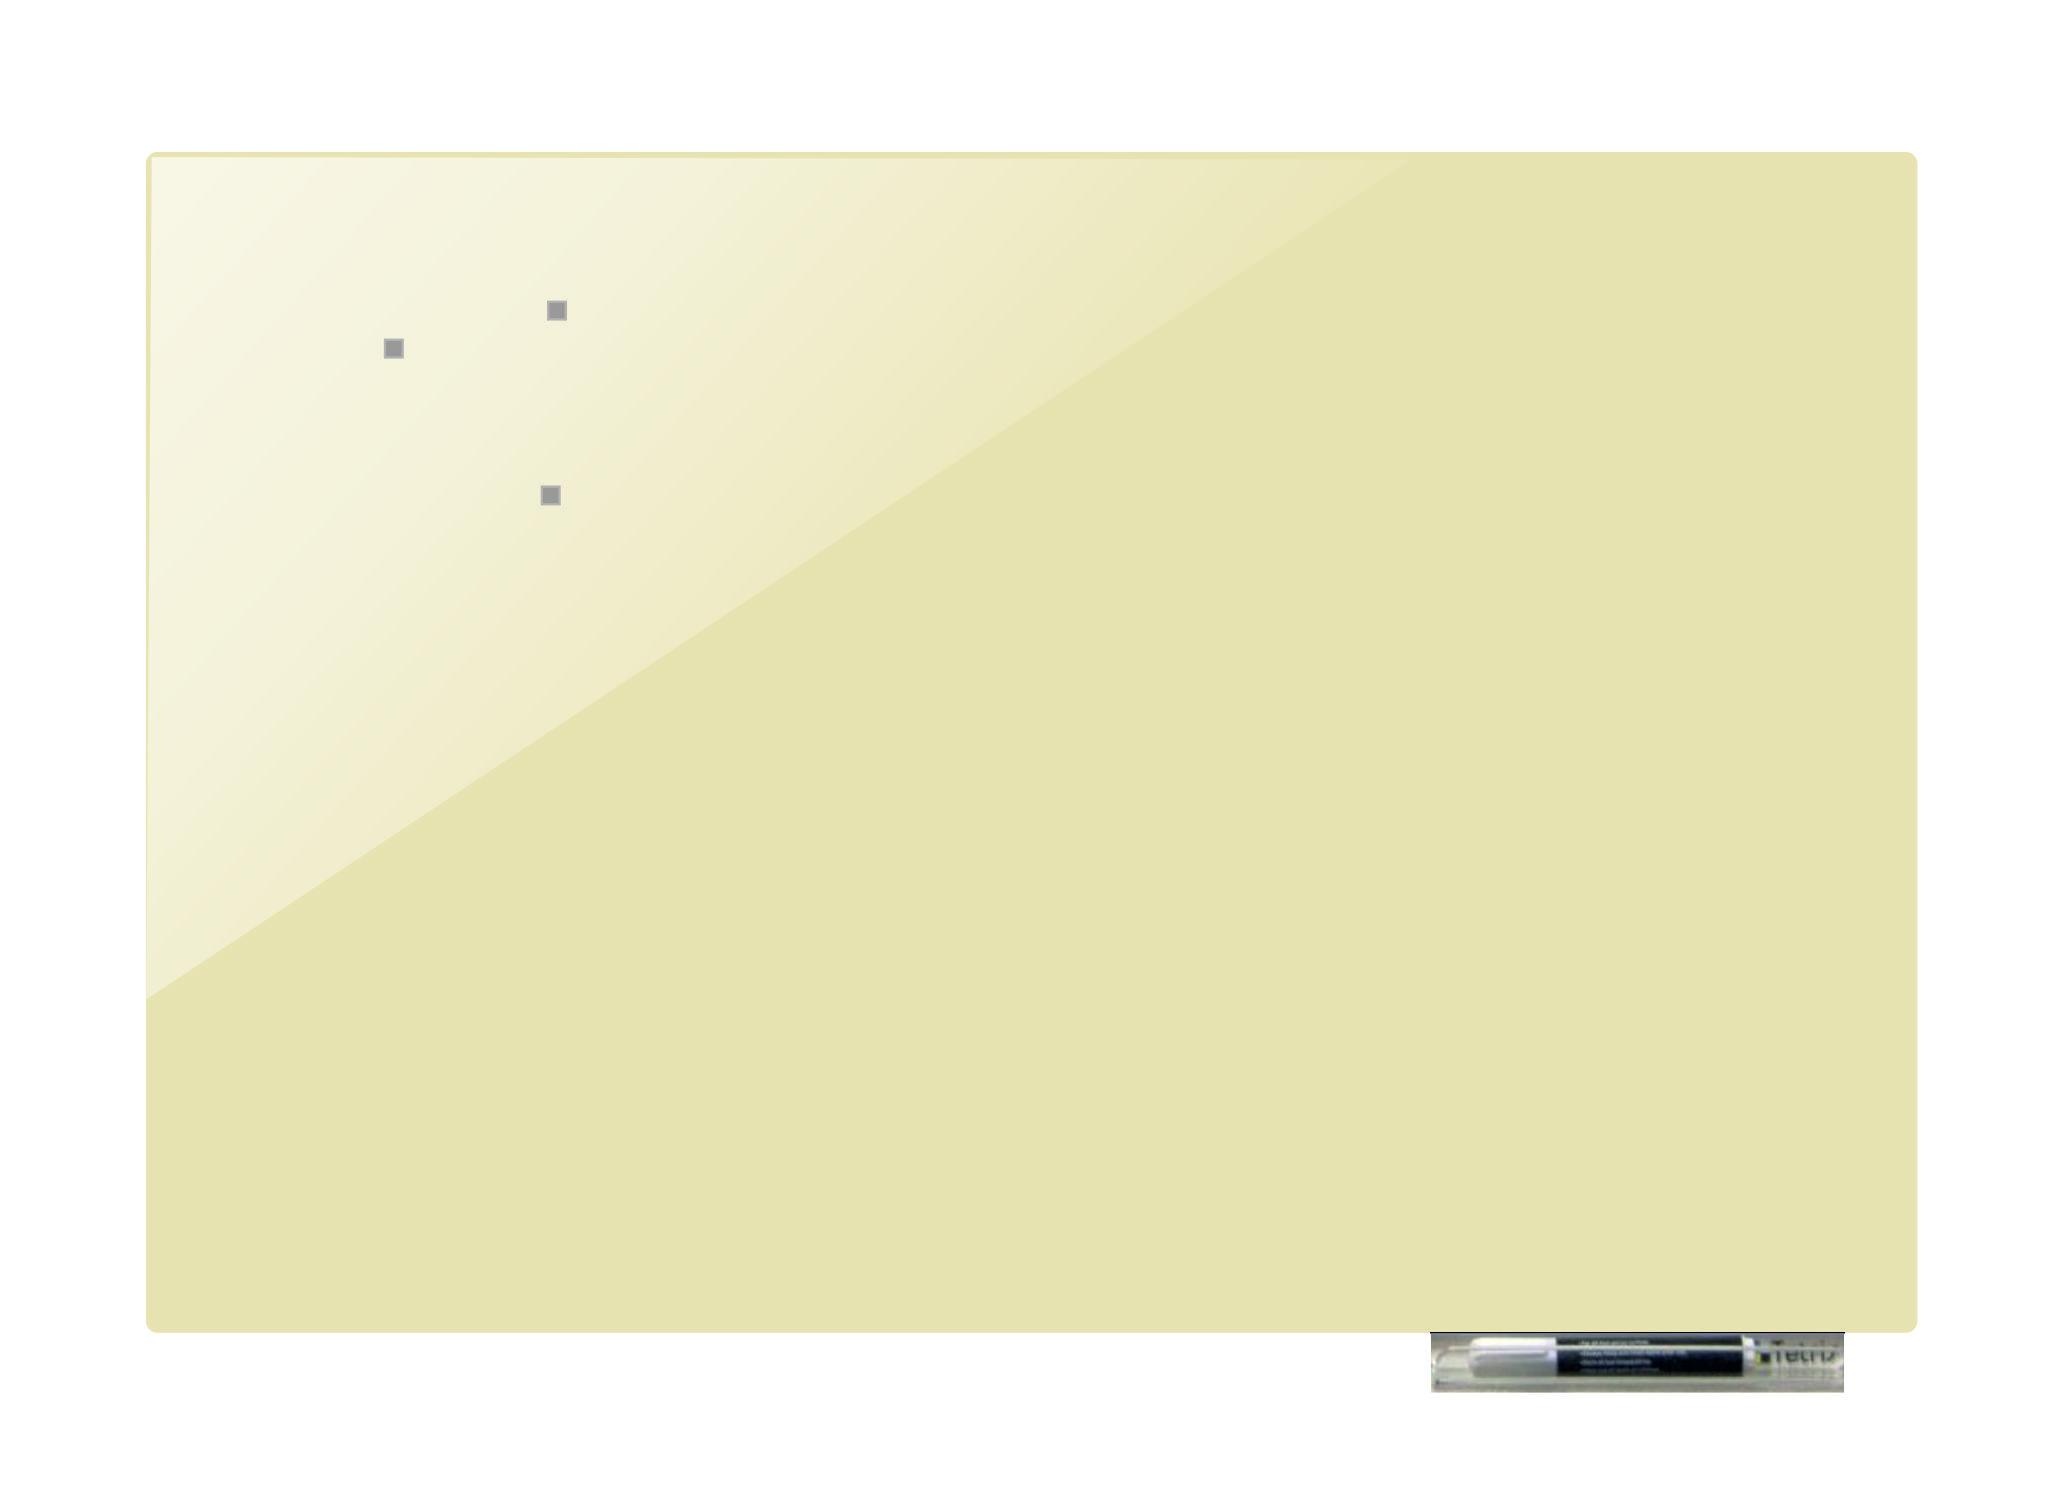 1015-tetris-glassboard